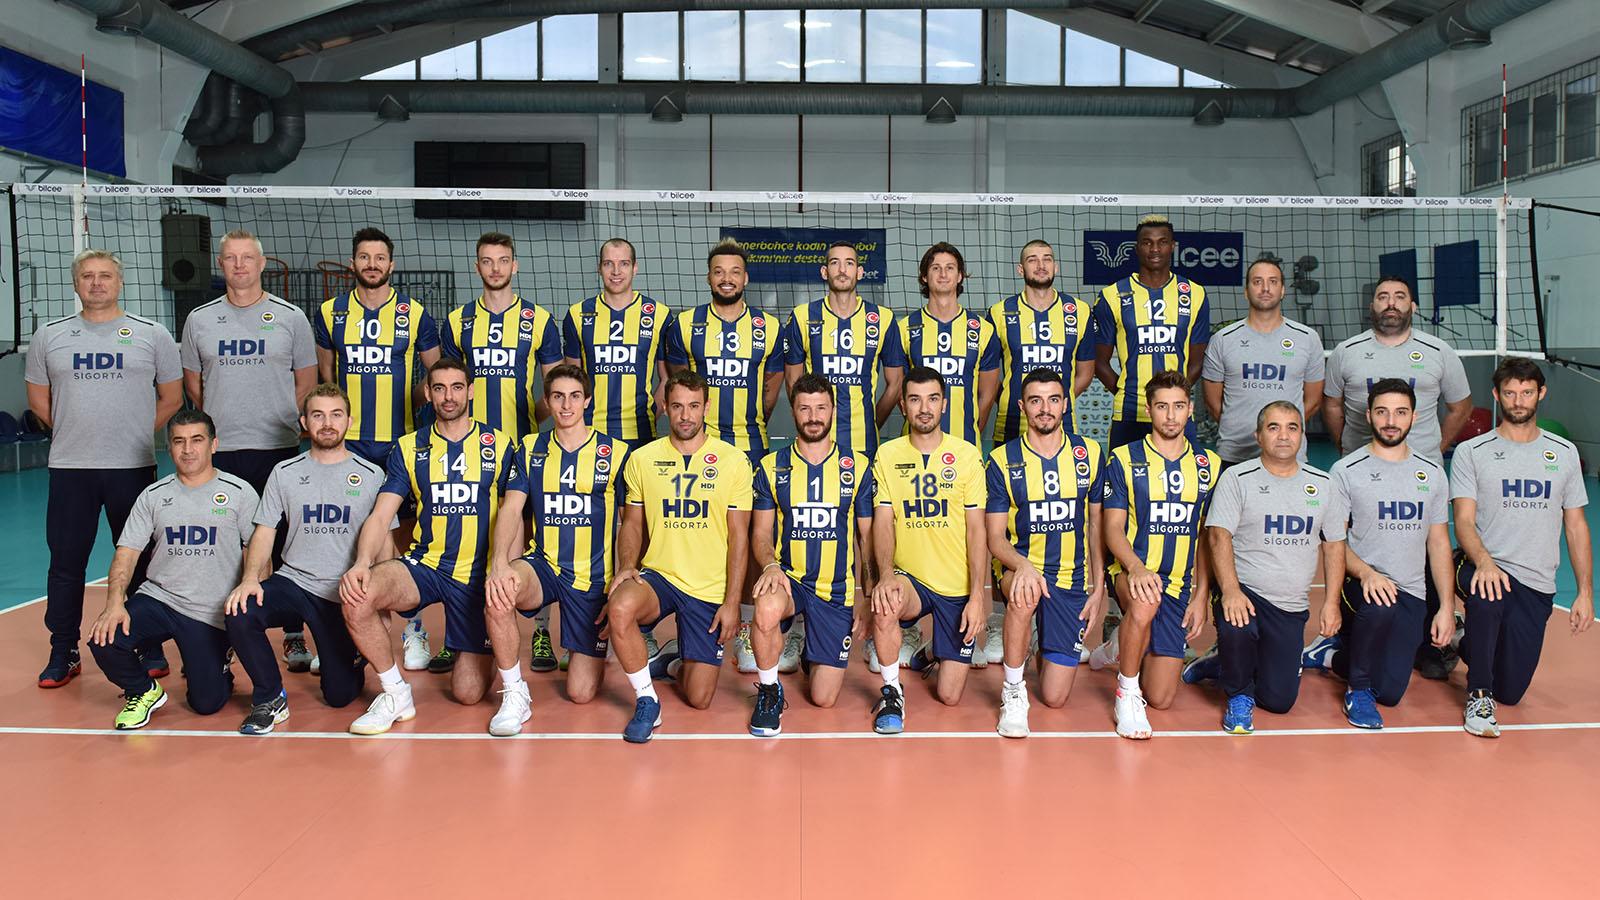 Fenerbahçe HDI Sigorta Bursa deplasmanında